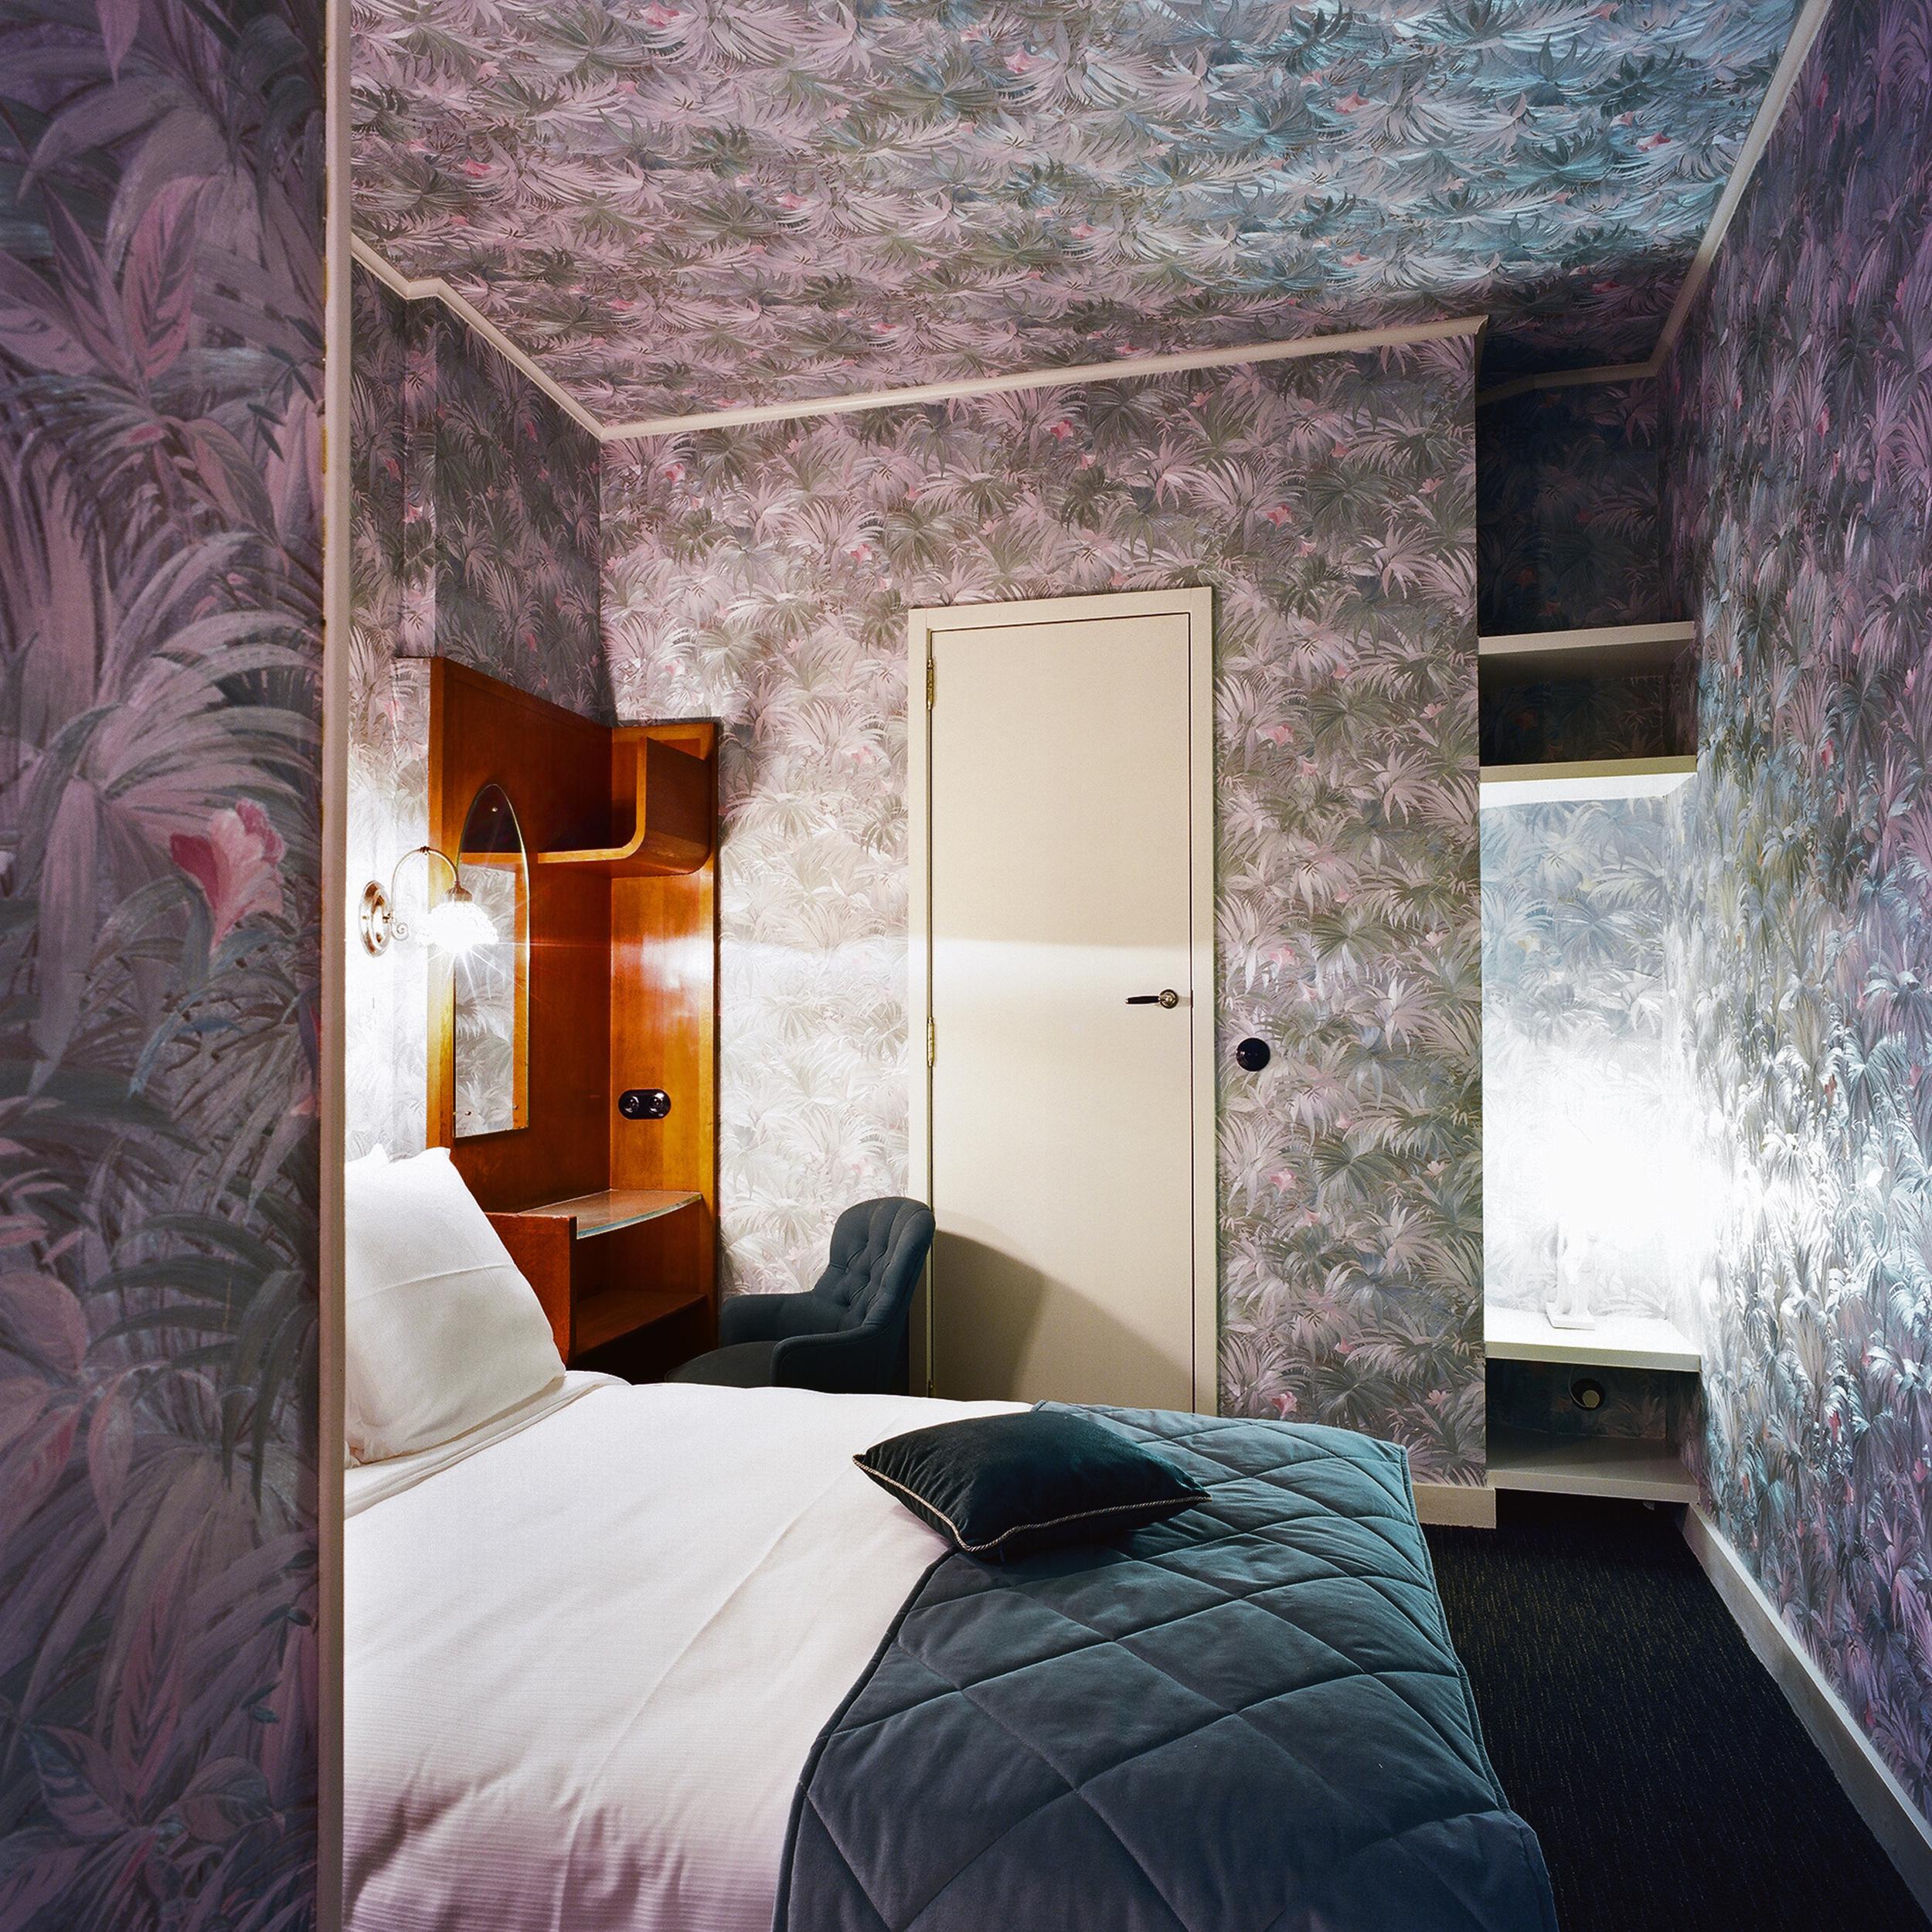 hotel-le-berger-rooms-standard-elodie-03-12.jpg